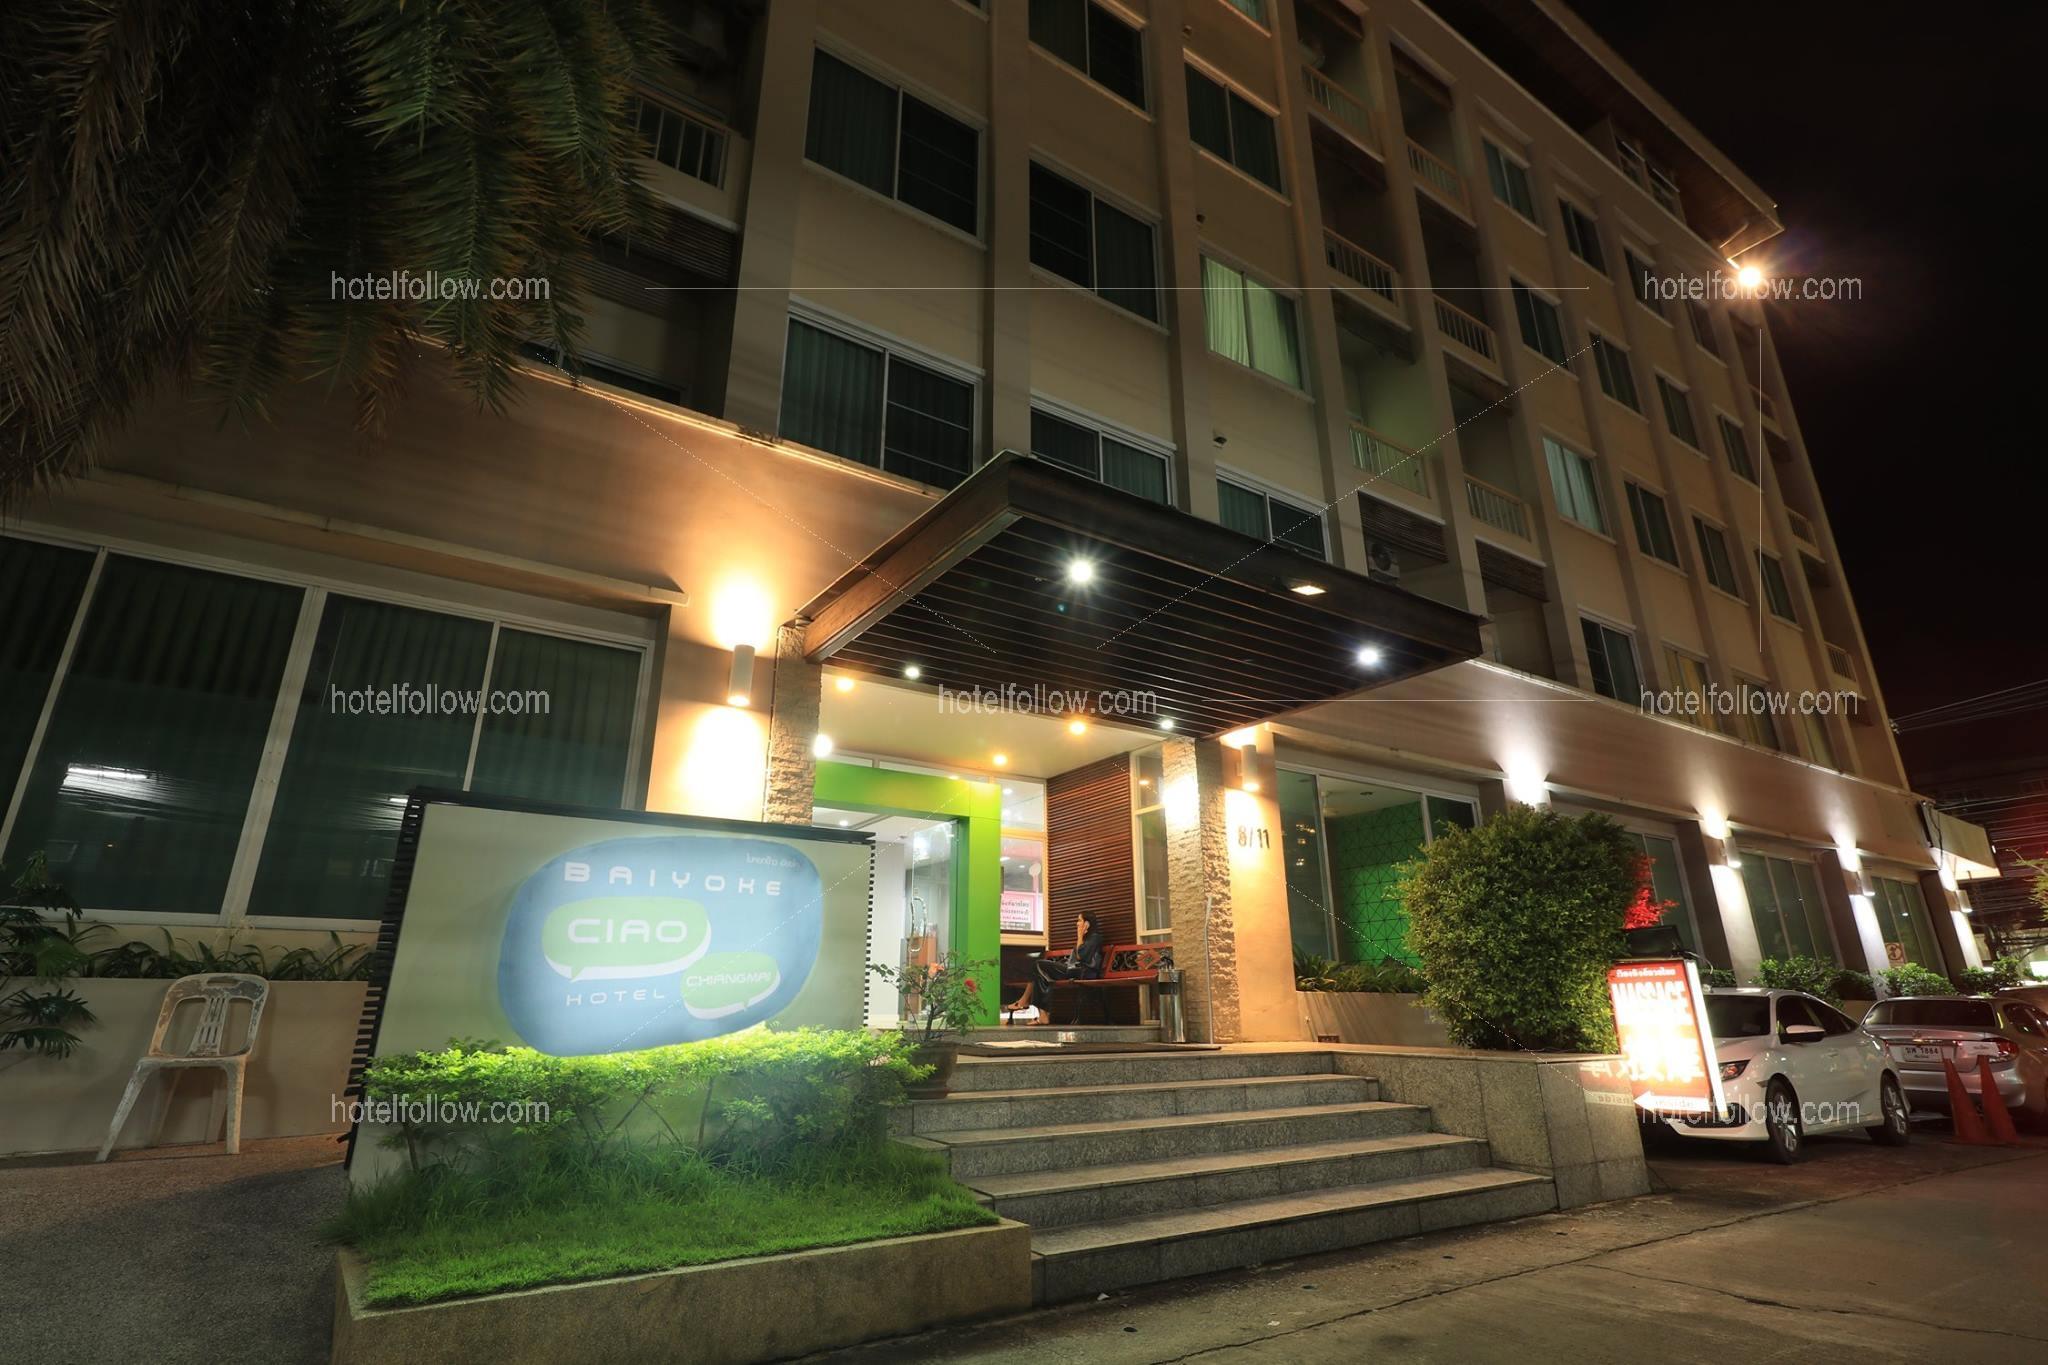 รูปของโรงแรม โรงแรม ใบหยกเจ้า เชียงใหม่